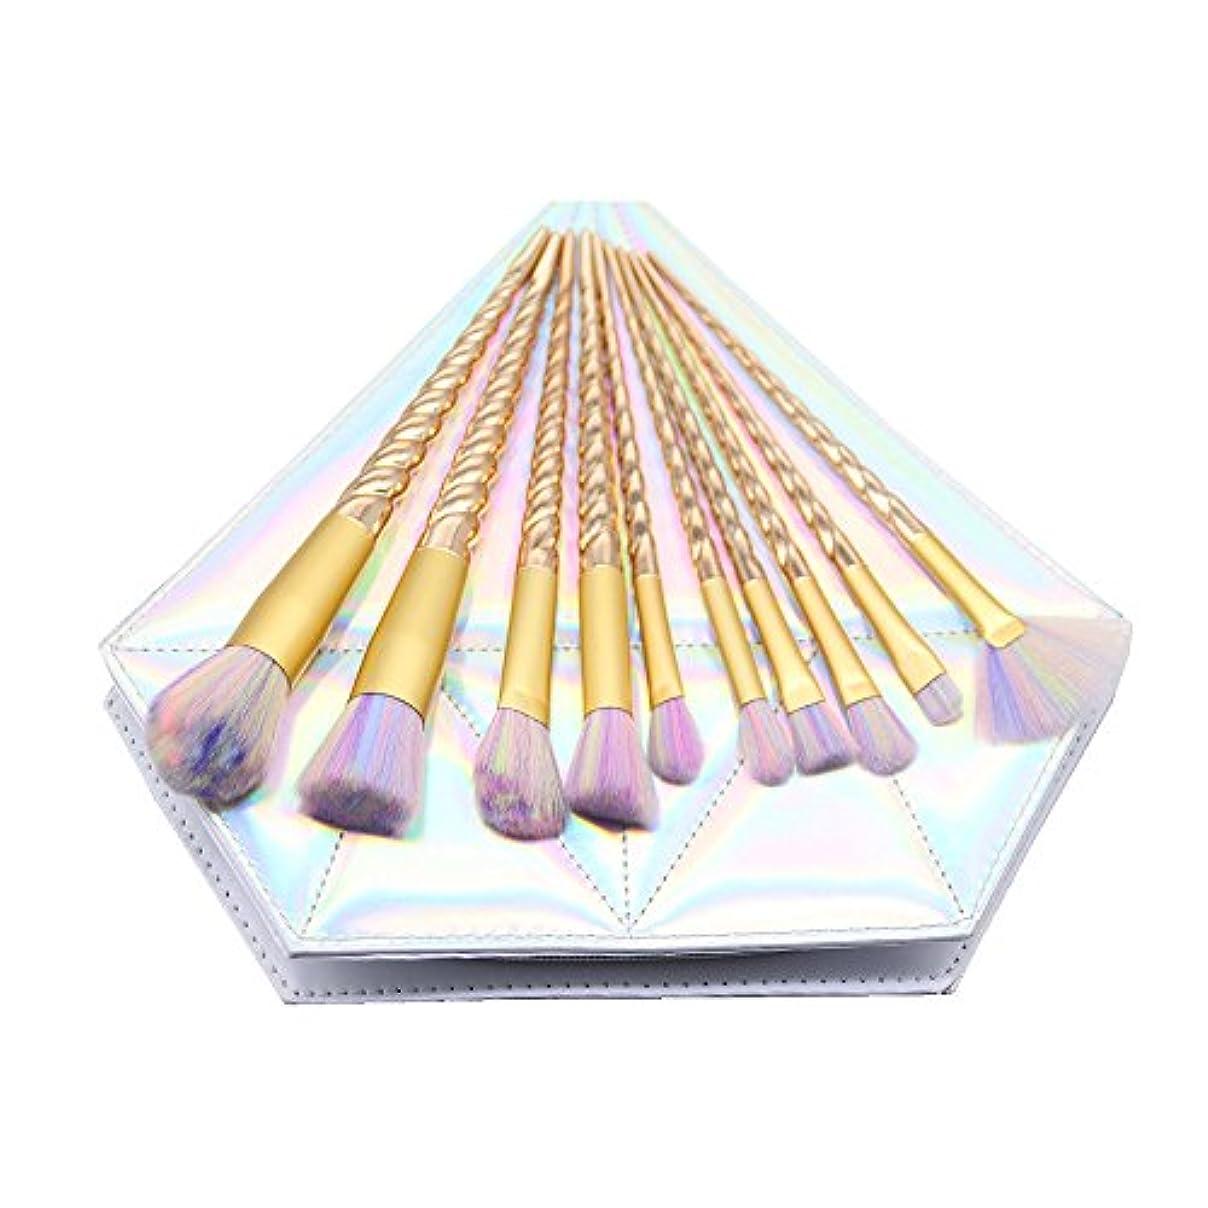 不規則なフィラデルフィア神学校Dilla Beauty メイクブラシセット 10本セット ユニコーンデザイン プラスチックハンドル 合成毛 ファンデーションブラシ アイシャドーブラッシャー 美容ツール 化粧品のバッグ付き